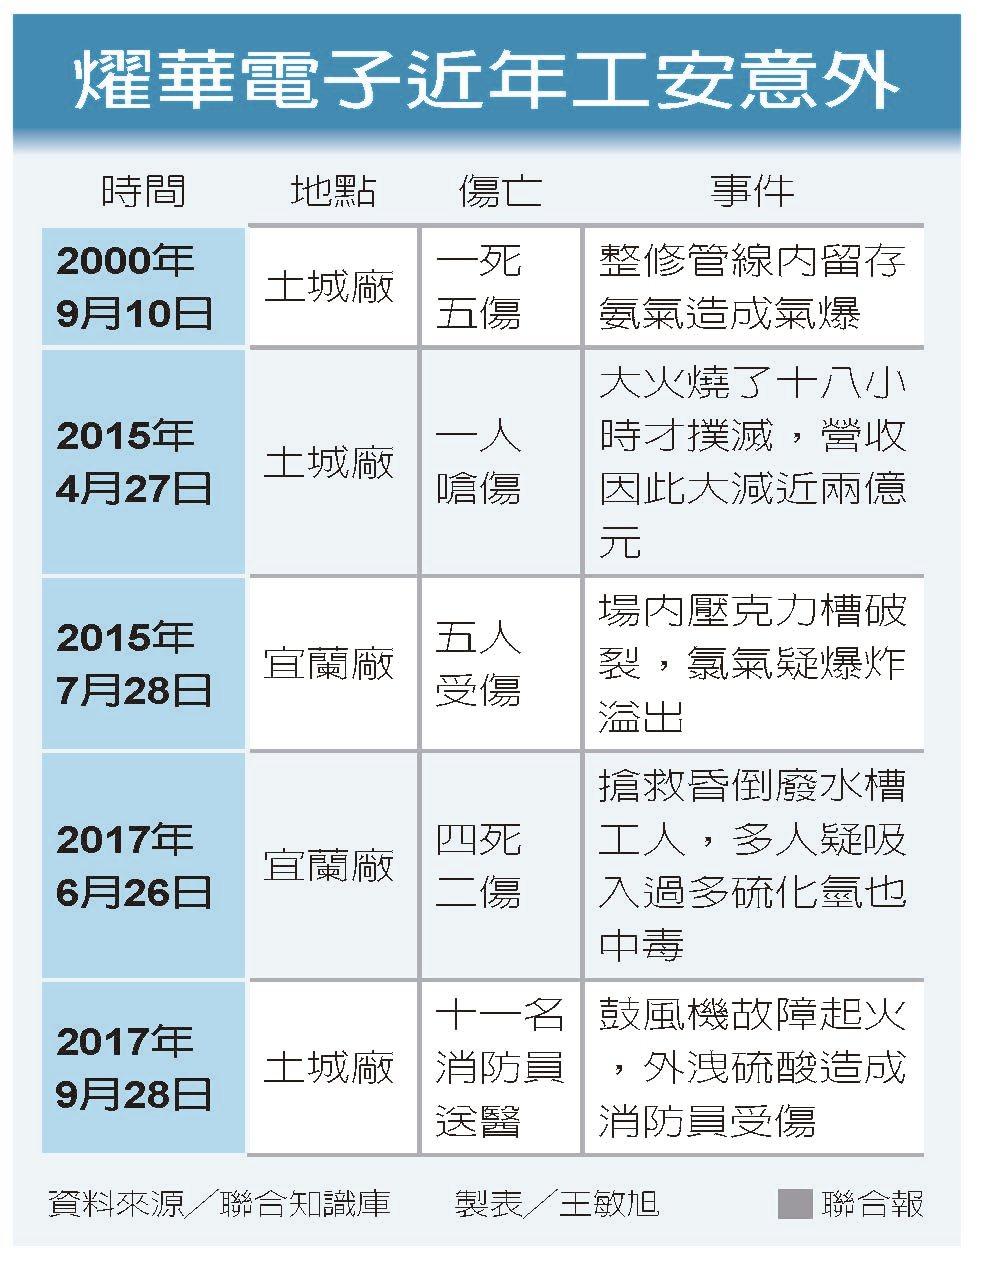 燿華電子近年工安意外資料來源╱聯合知識庫 製表╱王敏旭